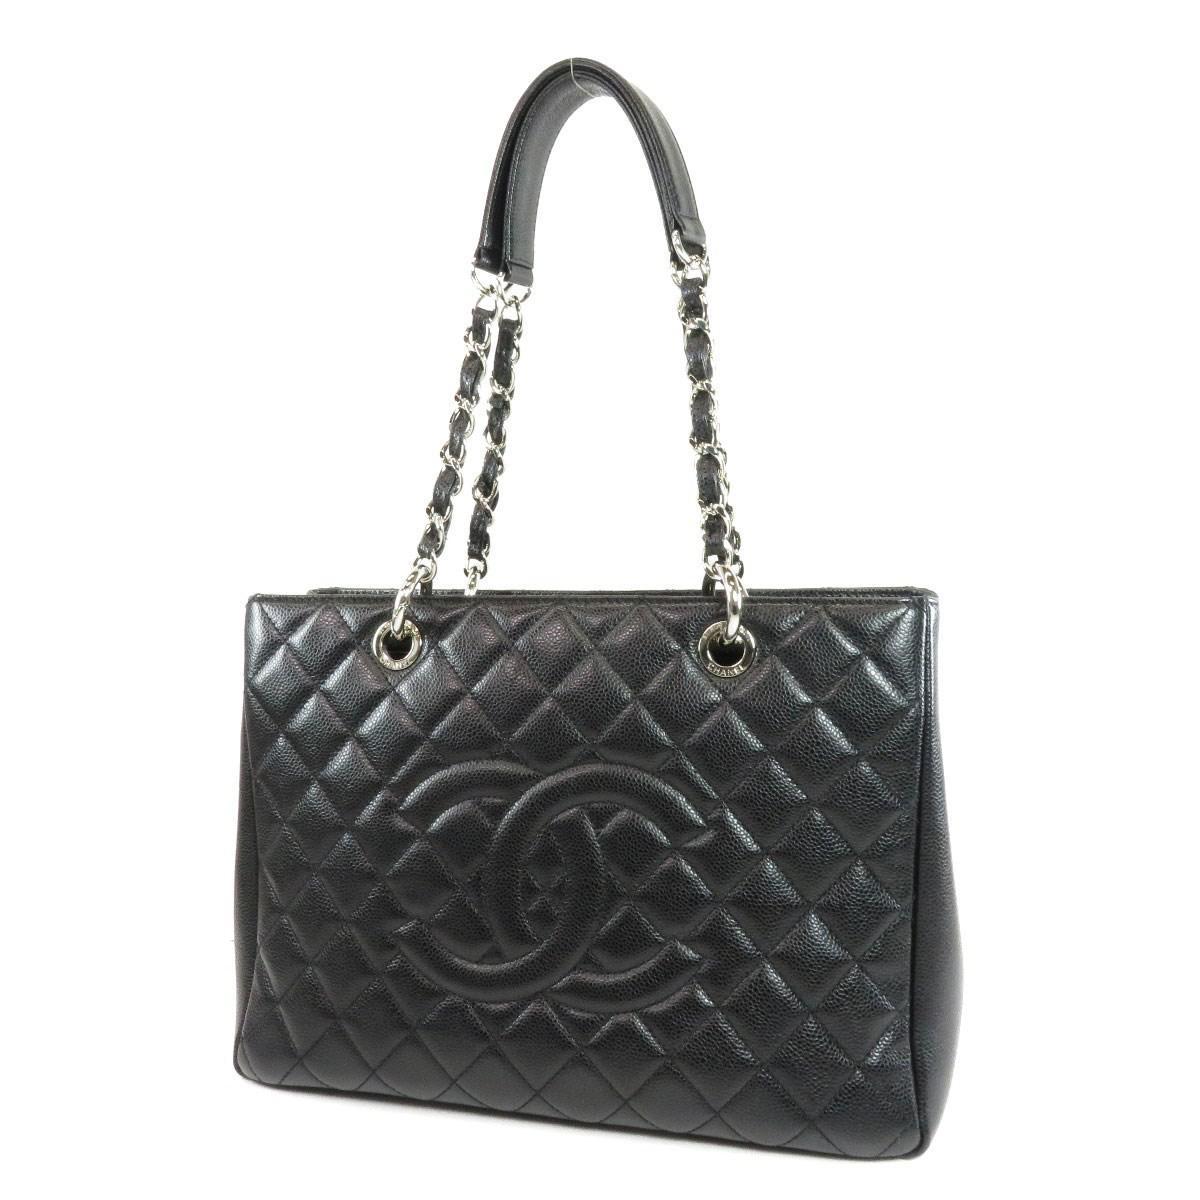 2a272fa1acbe Lyst - Chanel Caviar Skin Tote Bag Coco Mark in Black